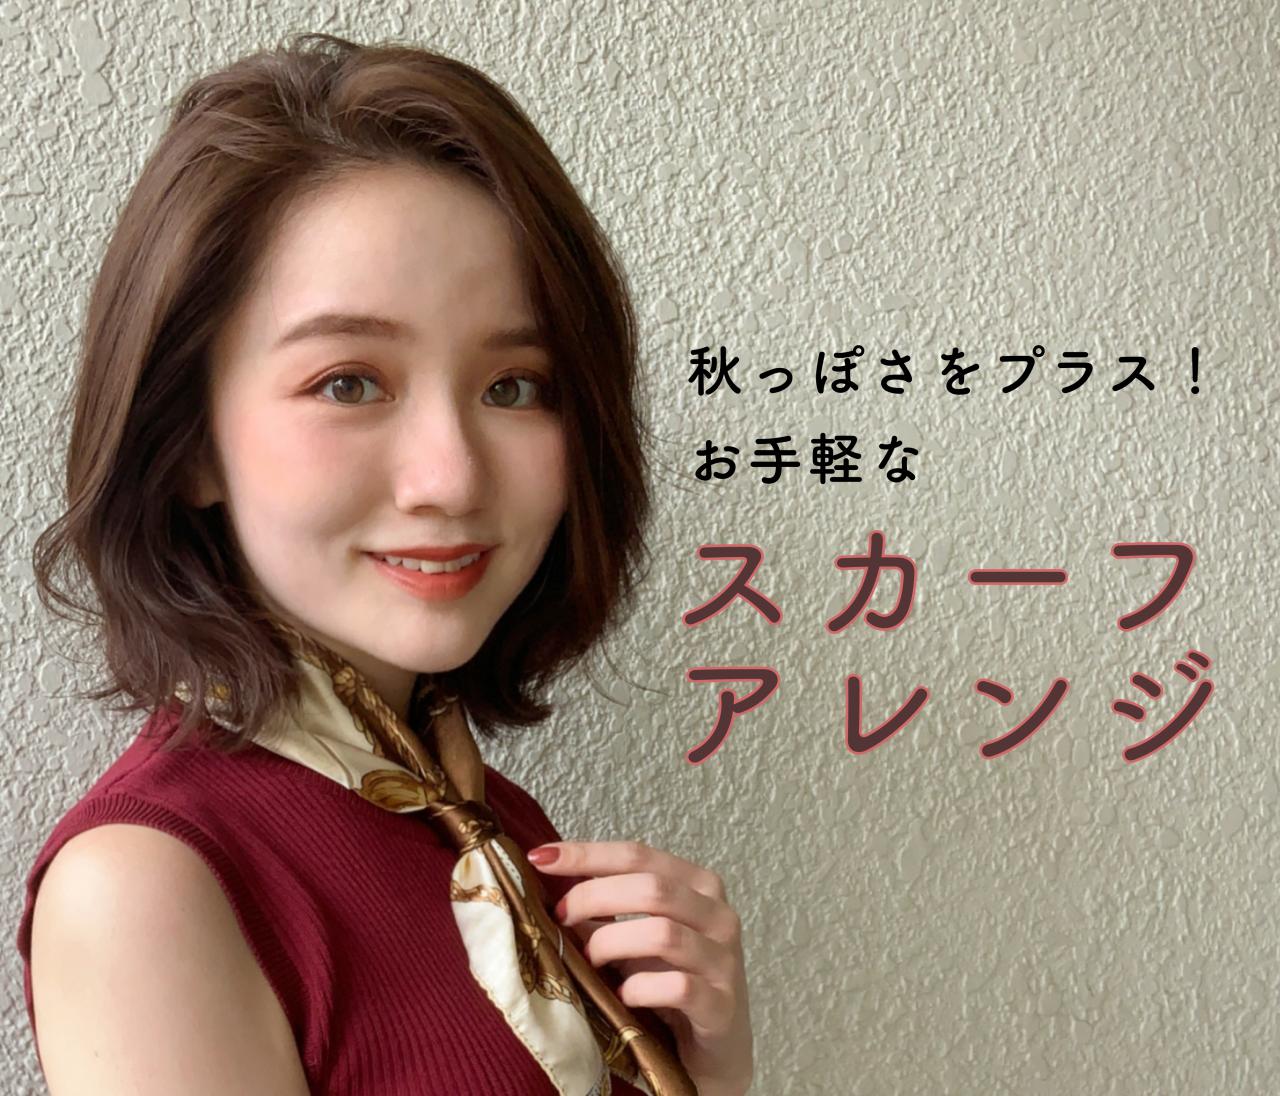 【動画】秋っぽさをプラス!首元スカーフの巻き方って?